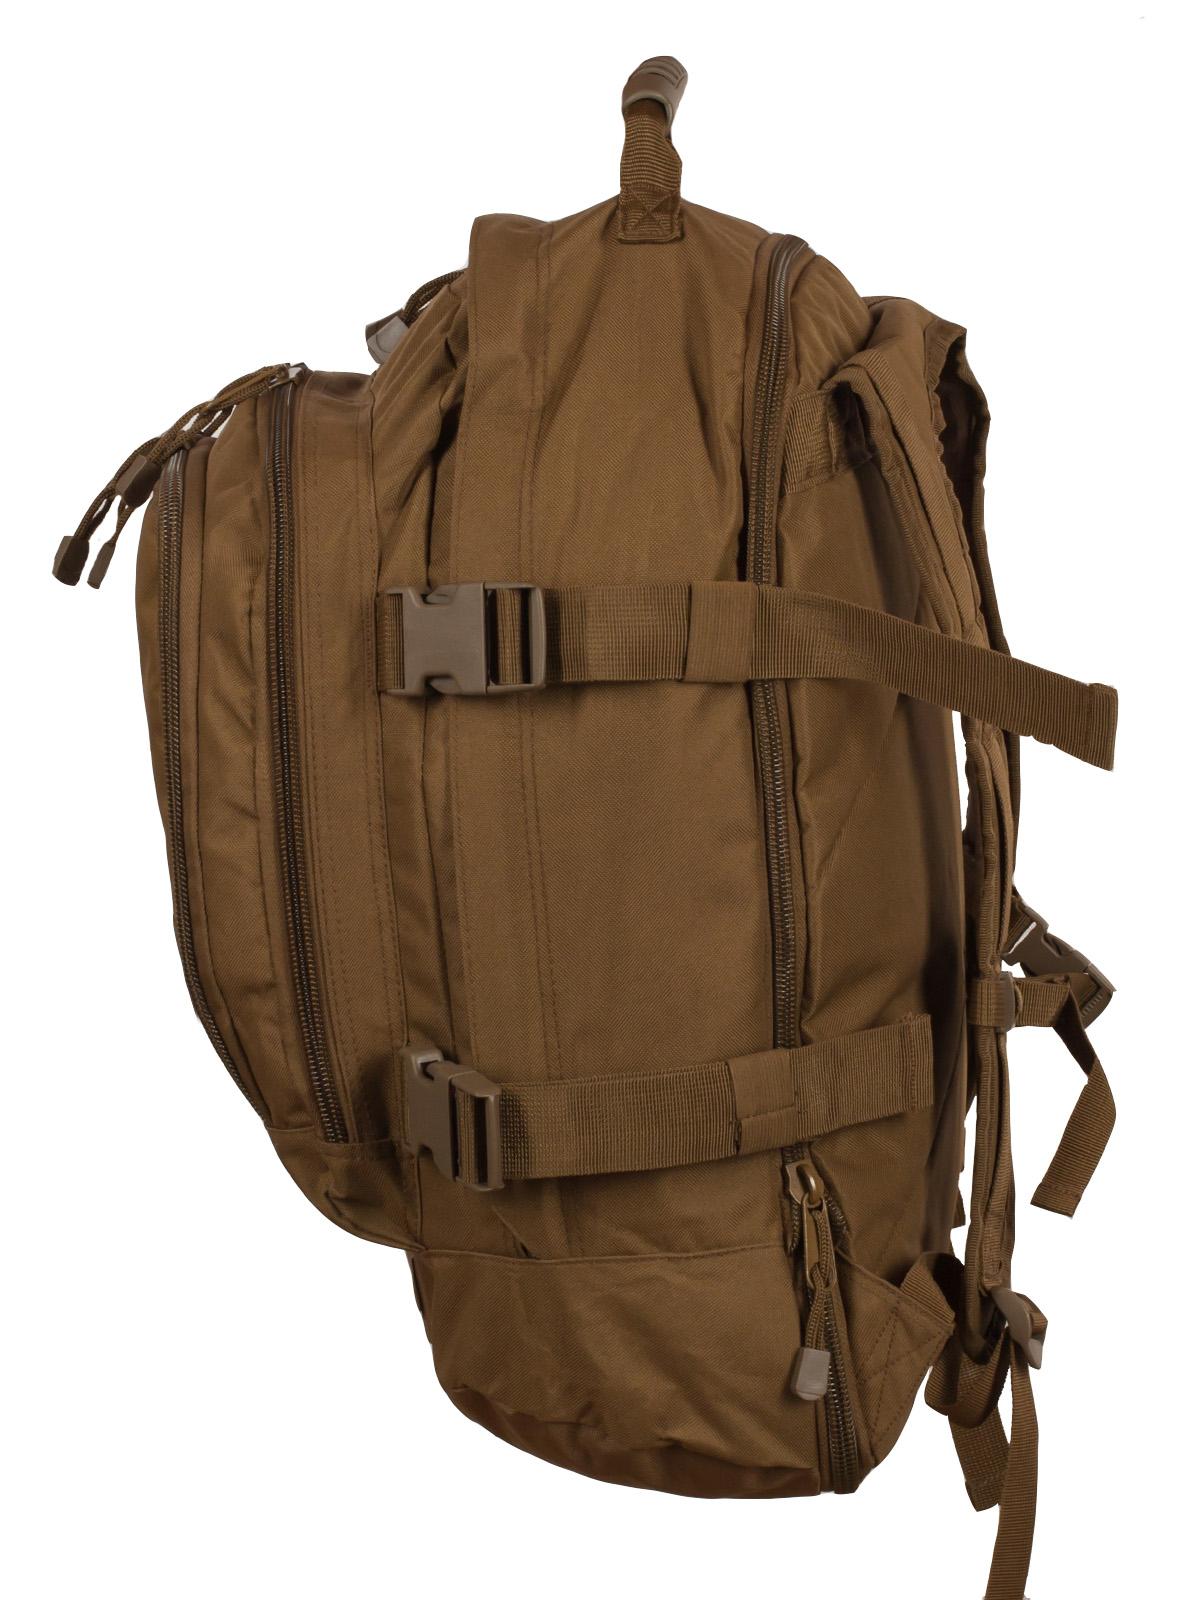 Походный штурмовой рюкзак с нашивкой Рыболовный Спецназ - купить онлайн